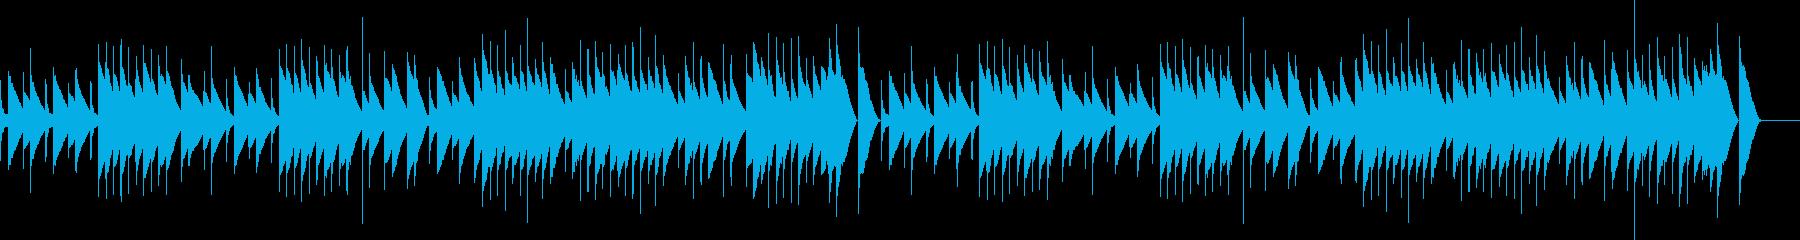 サティ ジムノペディ (オルゴール)の再生済みの波形